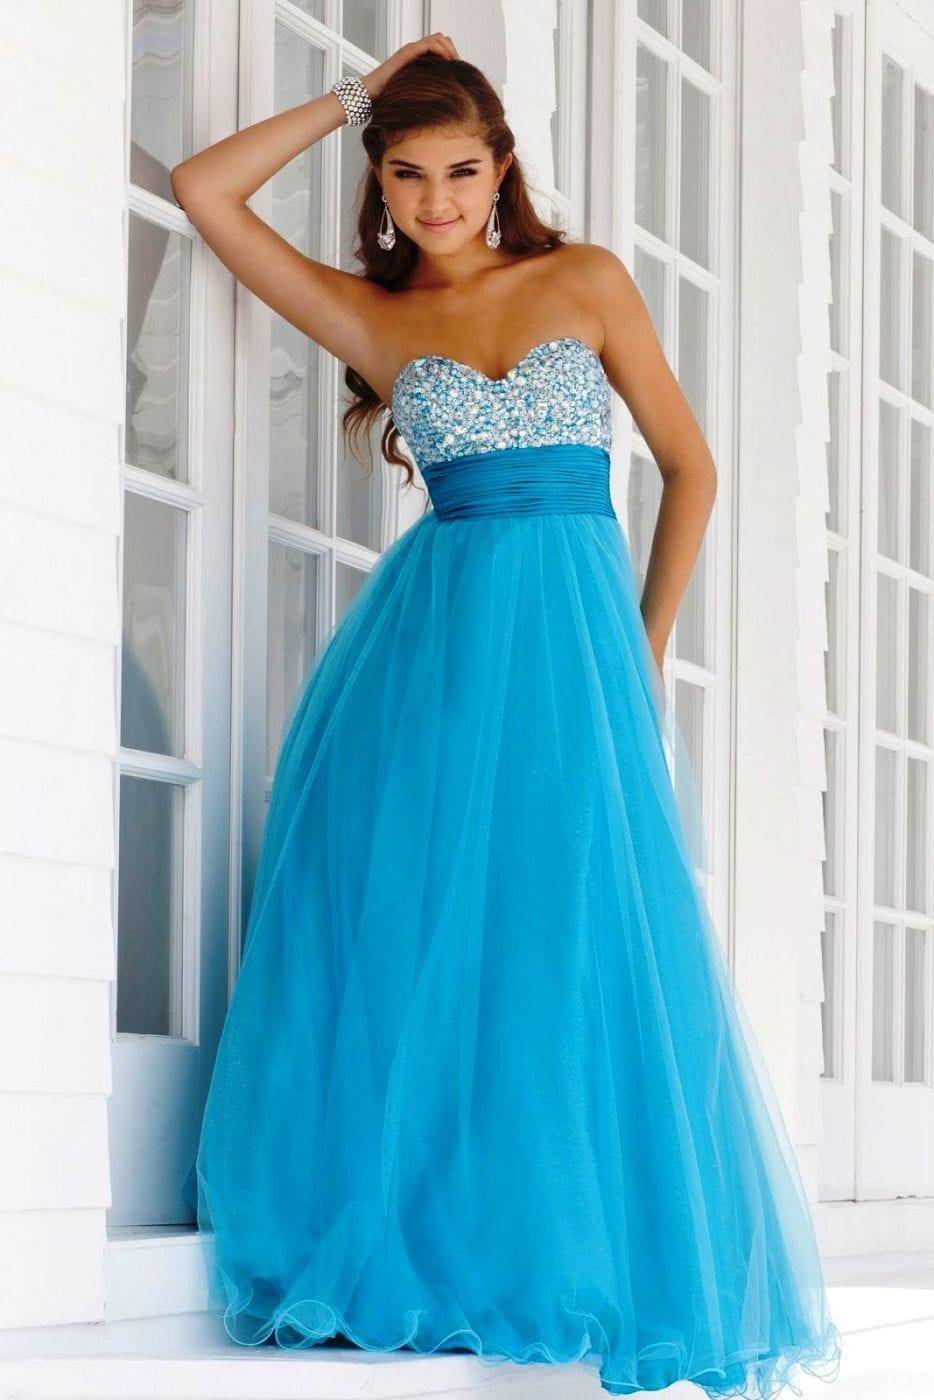 Красивое платье на выпускной 11 класс самые красивые